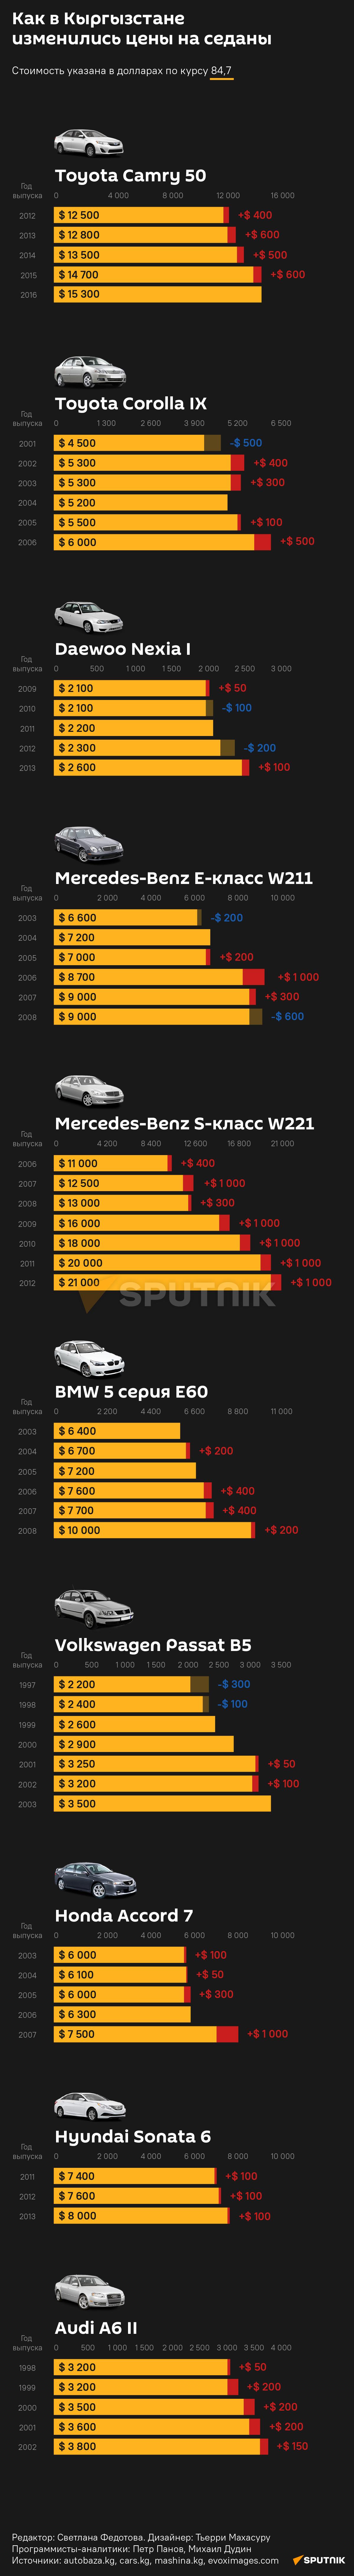 цены на седаны 16.07